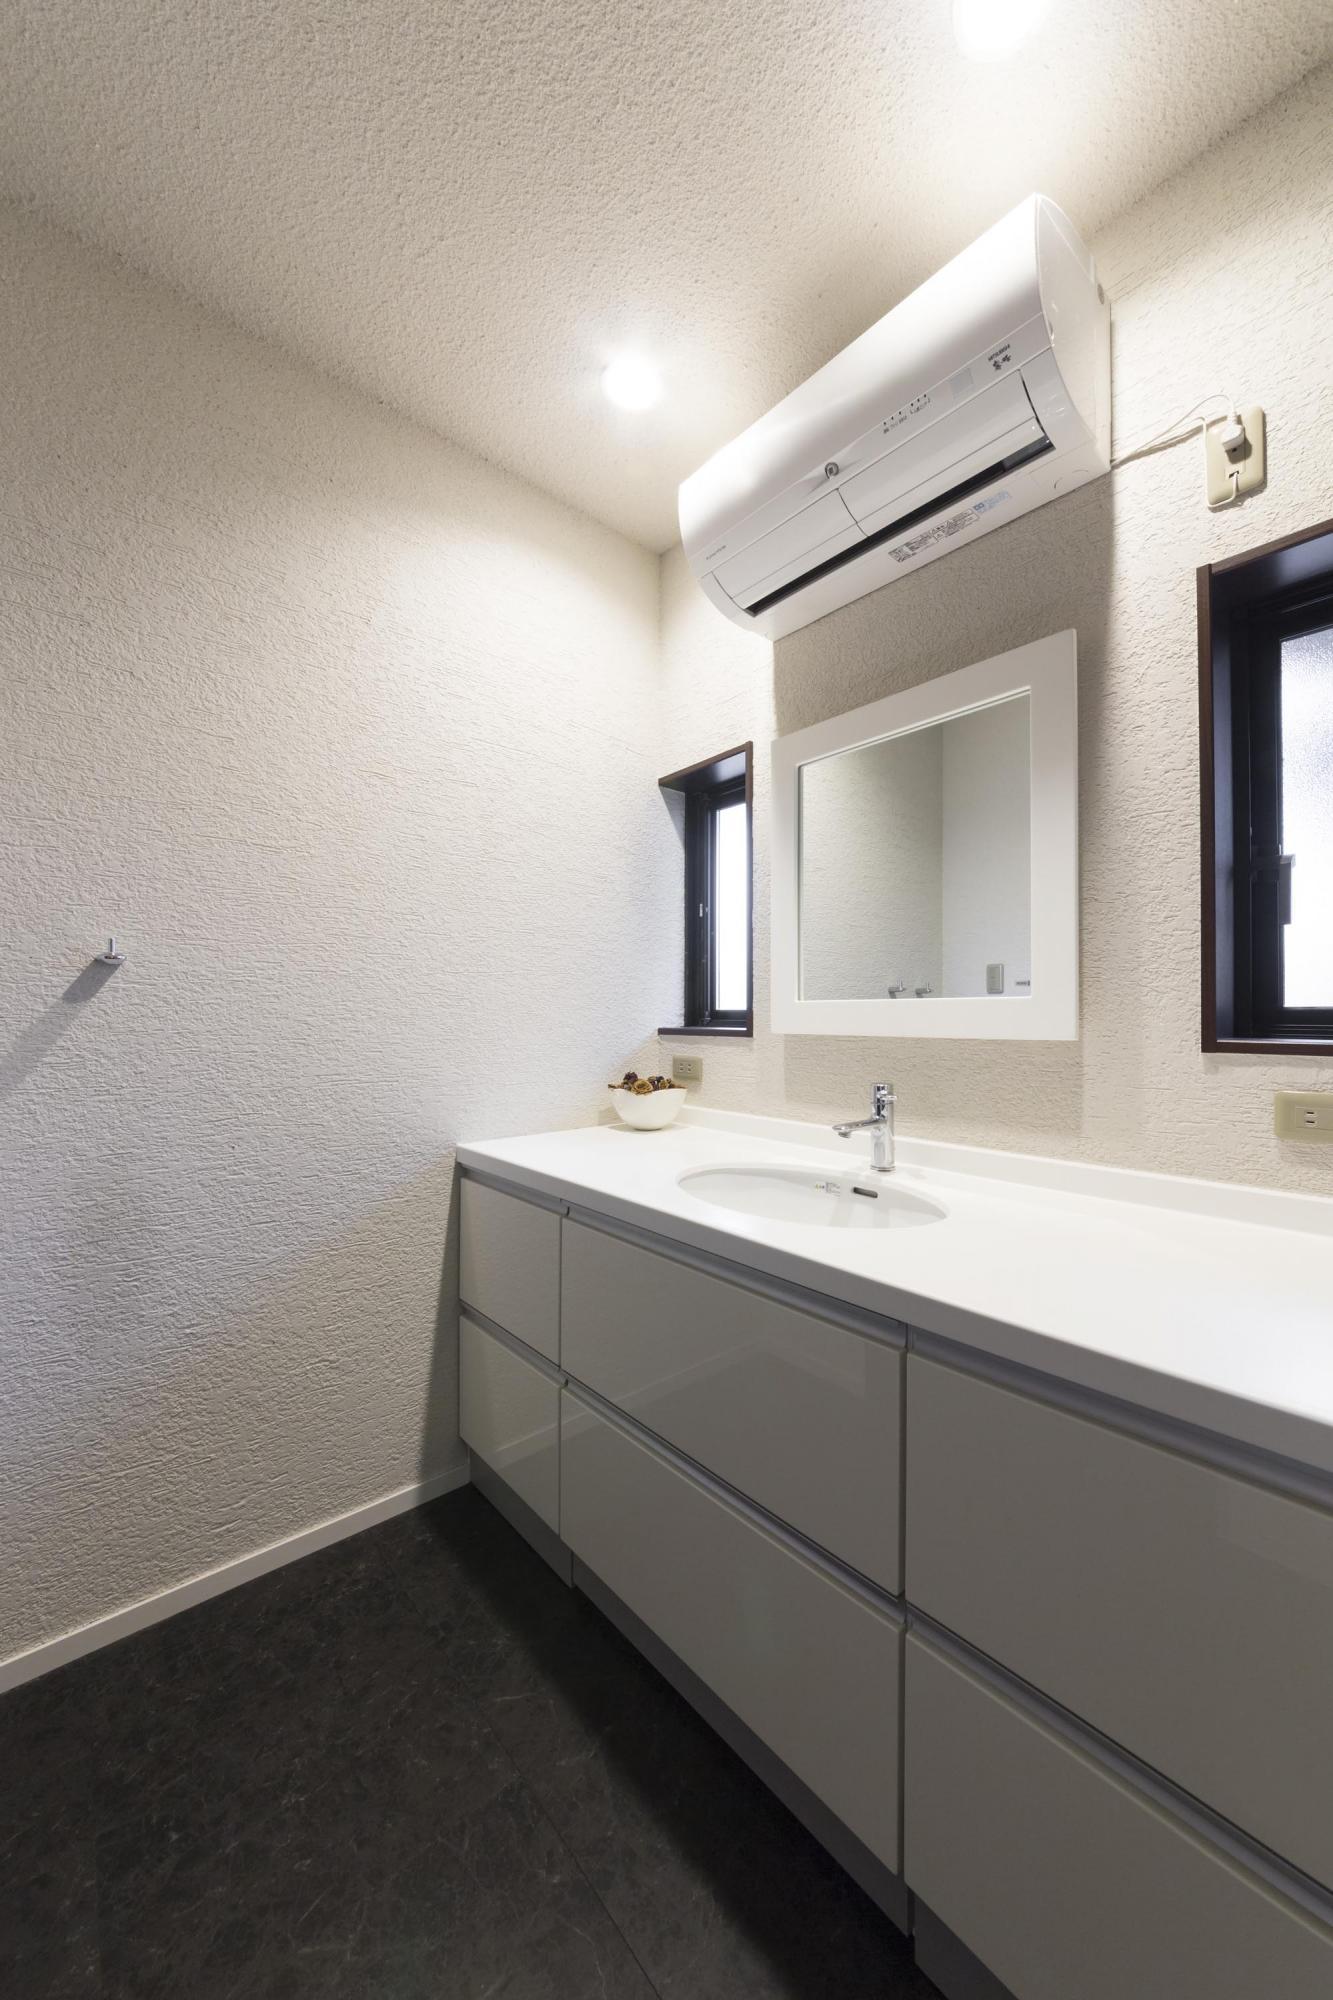 ゆったりと確保した洗面室。従来の倍以上の広さで、収納もたっぷりしている。自然素材を使いたいという要望を受け、壁と天井は貝殻や天然石を練り込んだ住友林業オリジナルの塗装材「シーサンドコート」で仕上げた。